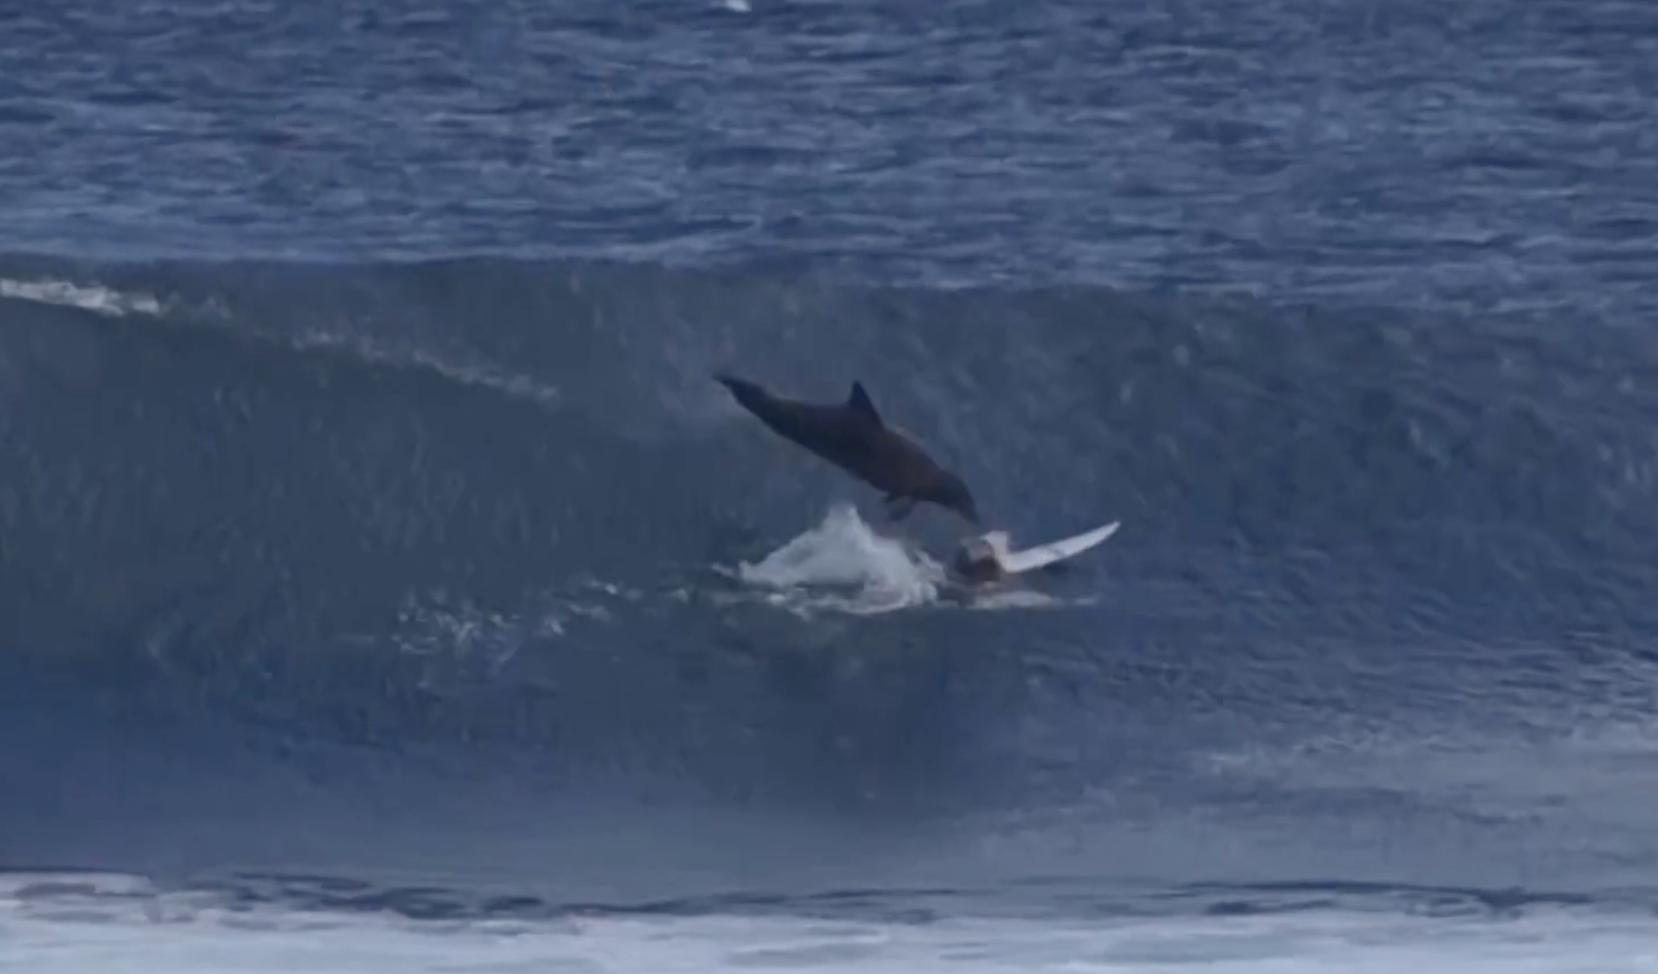 Un jeune surfeur se fait déglinguer par un dauphin